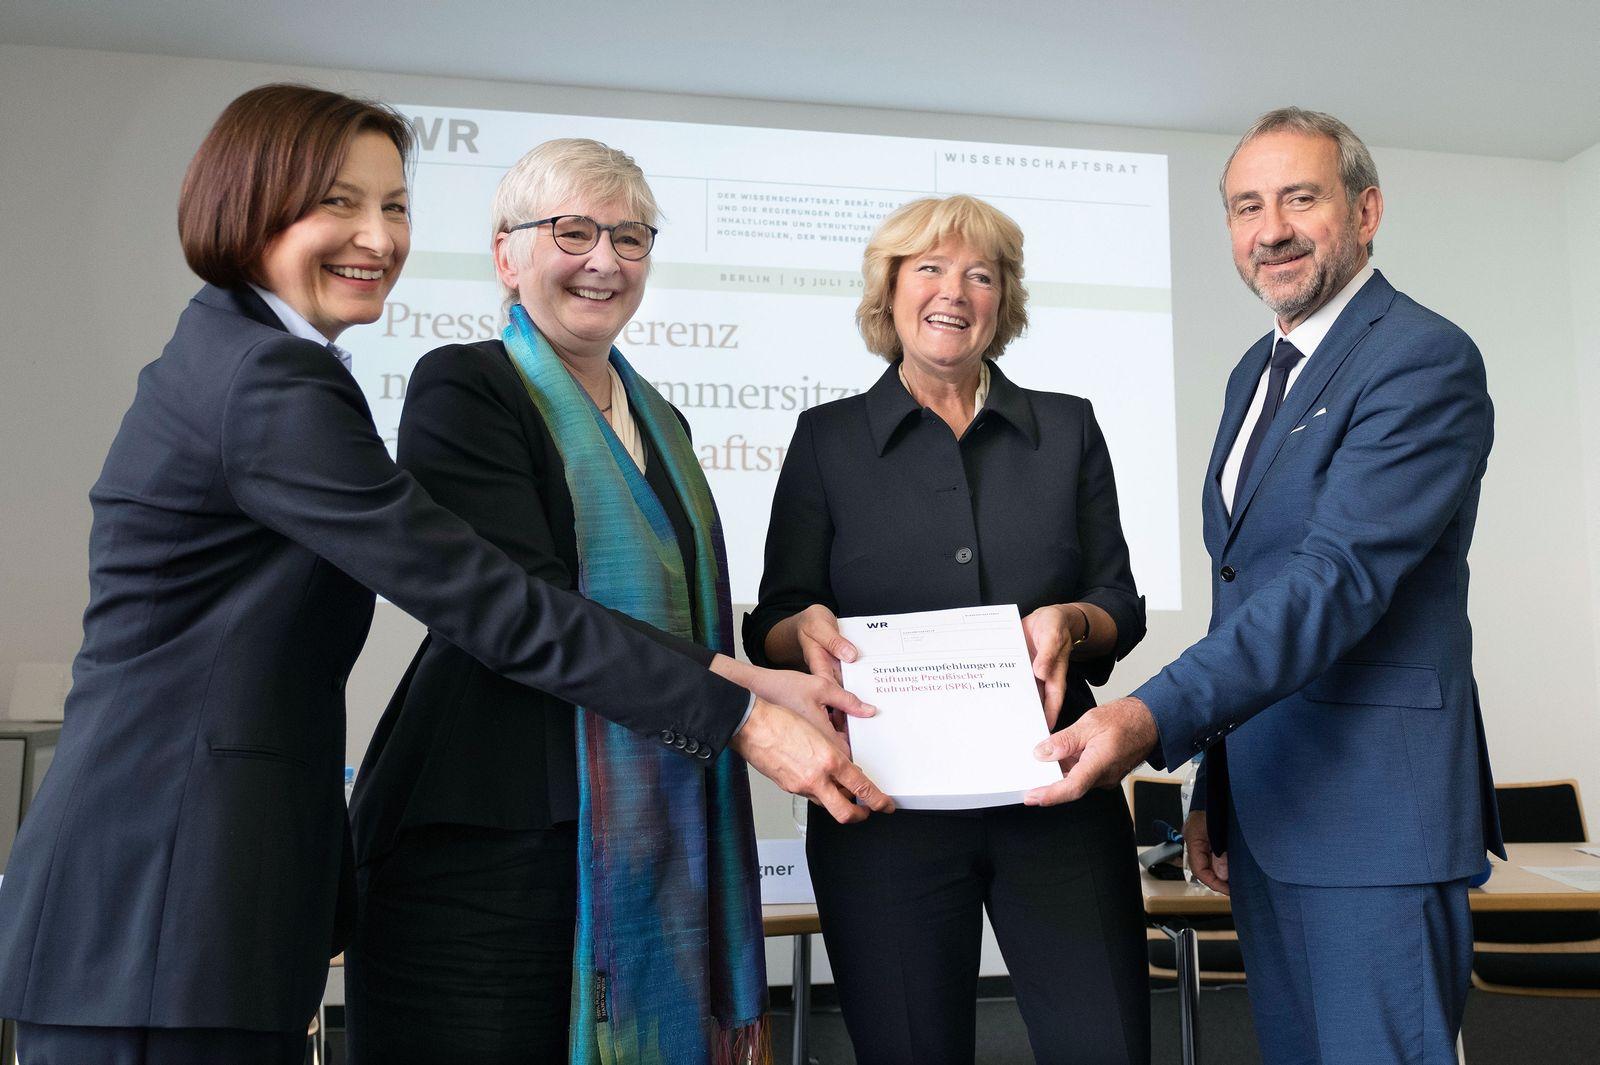 Gutachten empfiehlt Neuordnung von Stiftung Preussischer Kulturbesitz